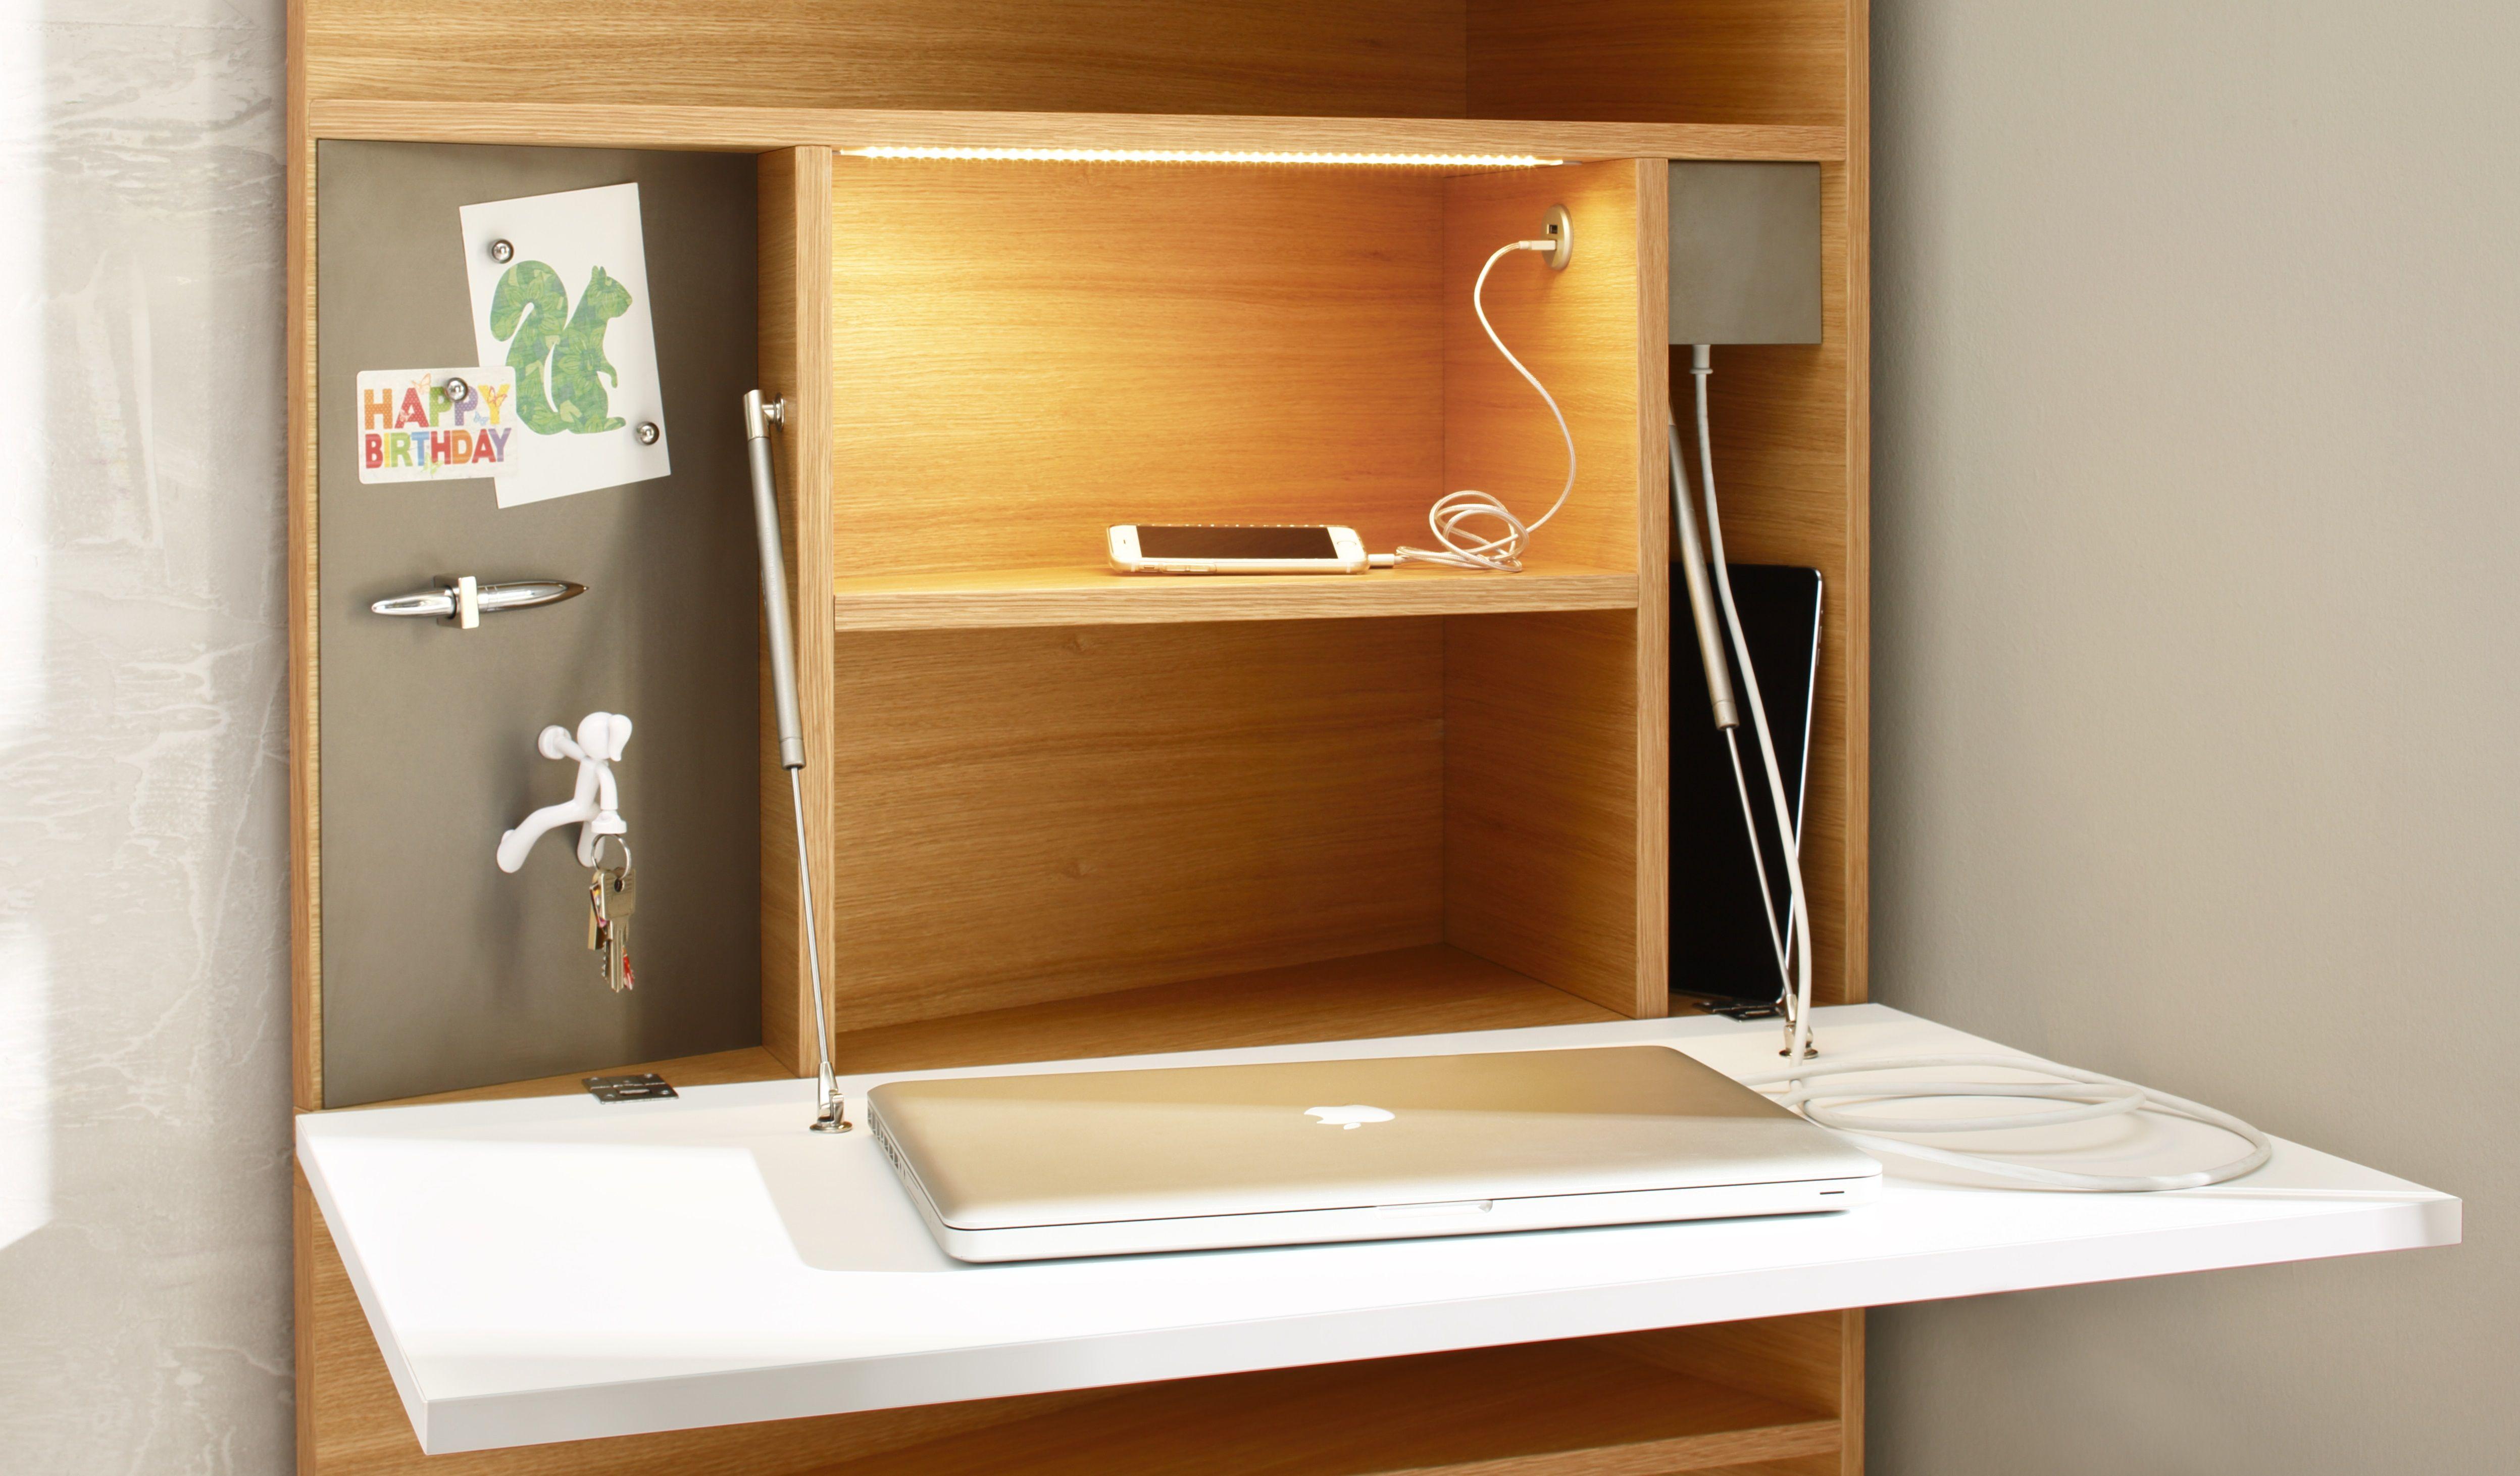 das innenleben vom ecce sekret r magnet tafel steckdose usb anschluss led lichtleiste mit. Black Bedroom Furniture Sets. Home Design Ideas